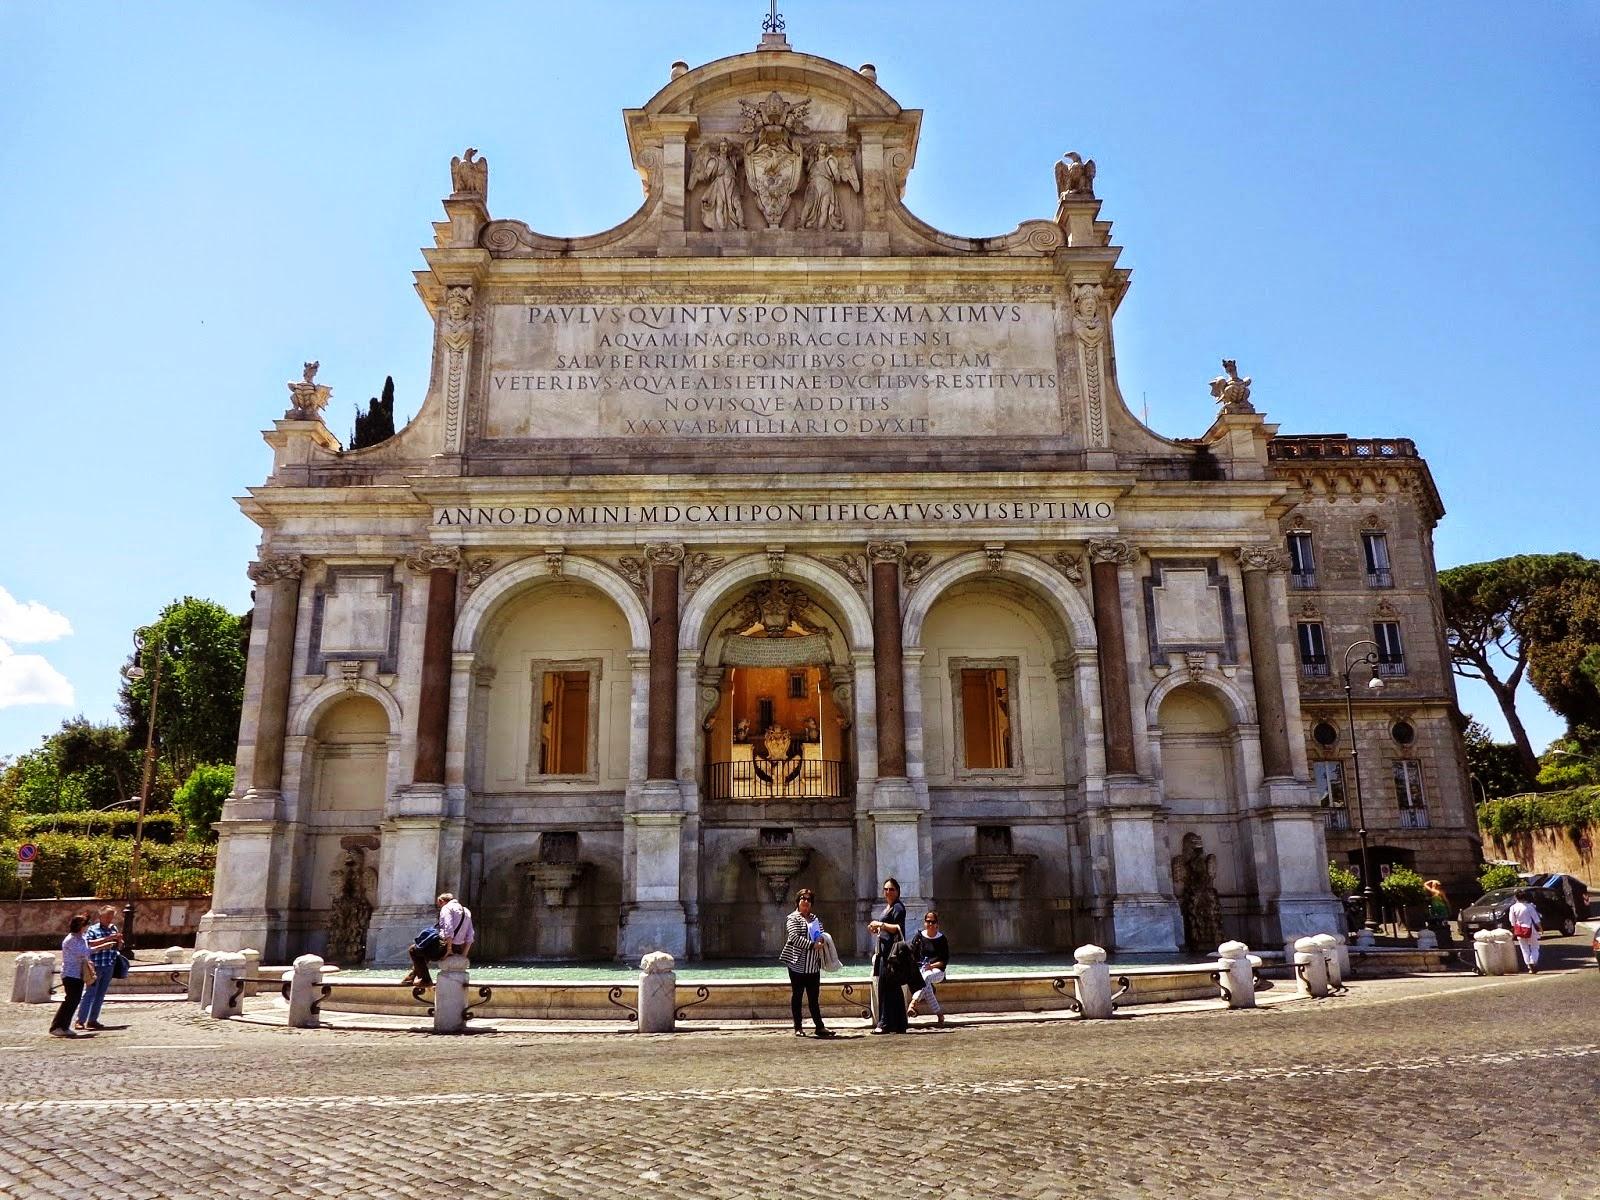 A monumental Fontana Paola, um aqueduto erigido originalmente pelo imperador Trajano, em 109 d.C. e que recebeu o nome de Acqua Paola por causa do papa Paulo V Borghese, responsável por sua restauração.